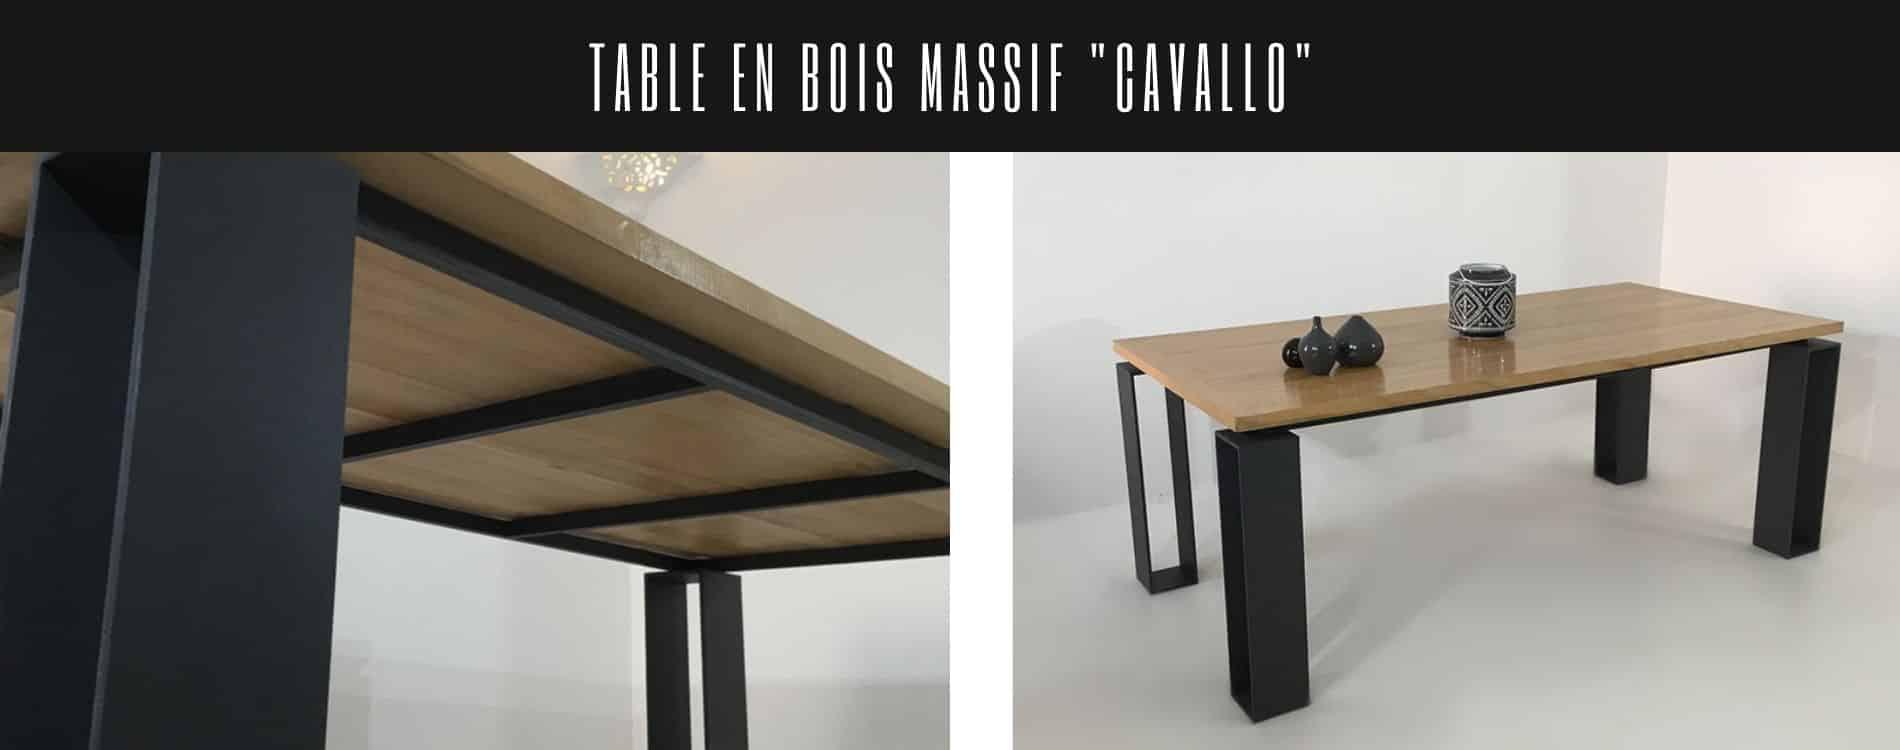 Table bois massif et 4 pieds indépendants en acier épais